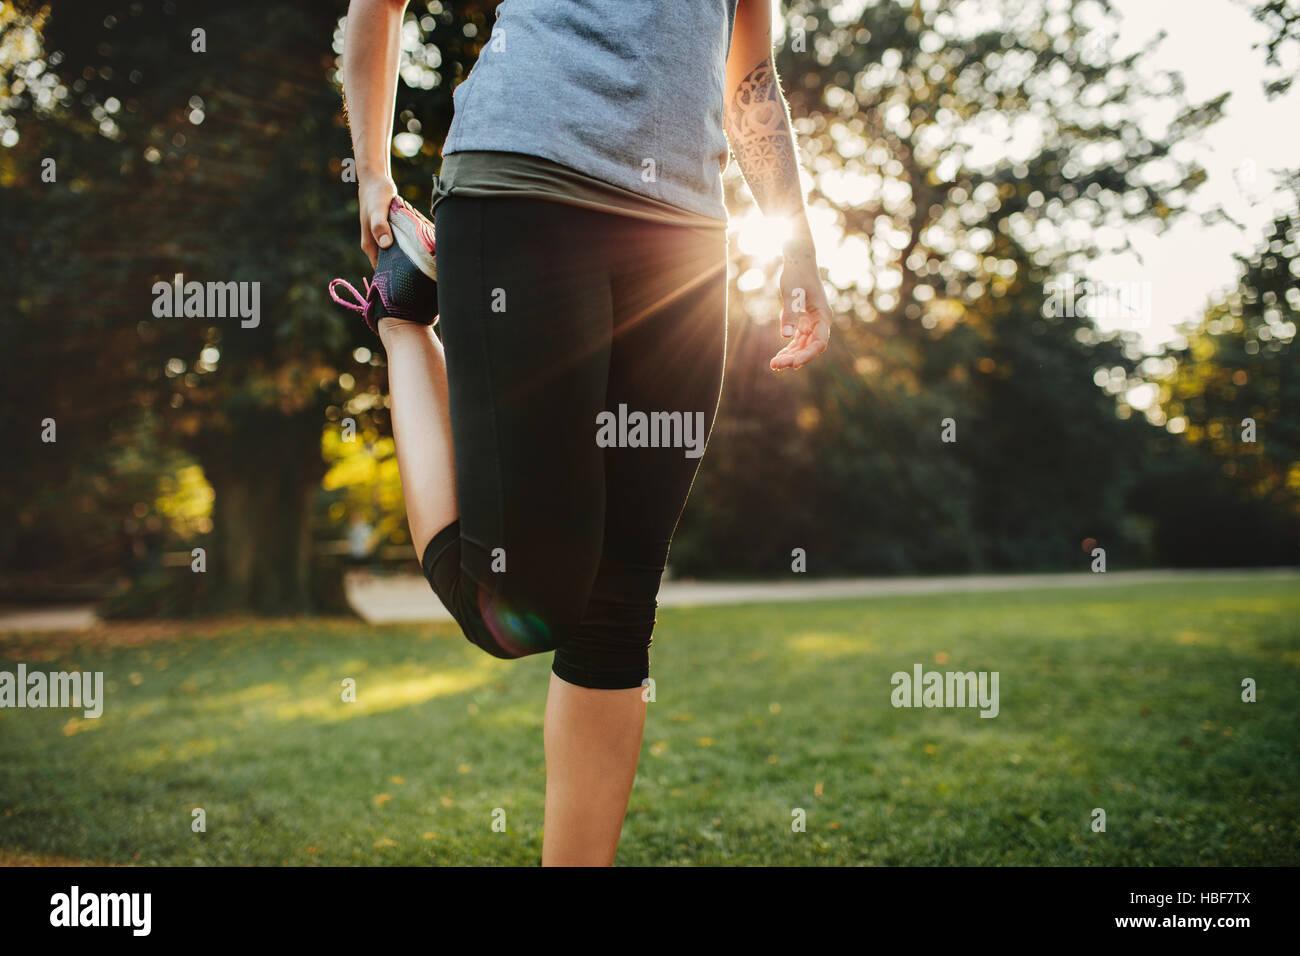 Schuss von Fitness-Frau, die Beine abgeschnitten. Weibliches Model Ausübung am Morgen am Stadtpark. Stockbild